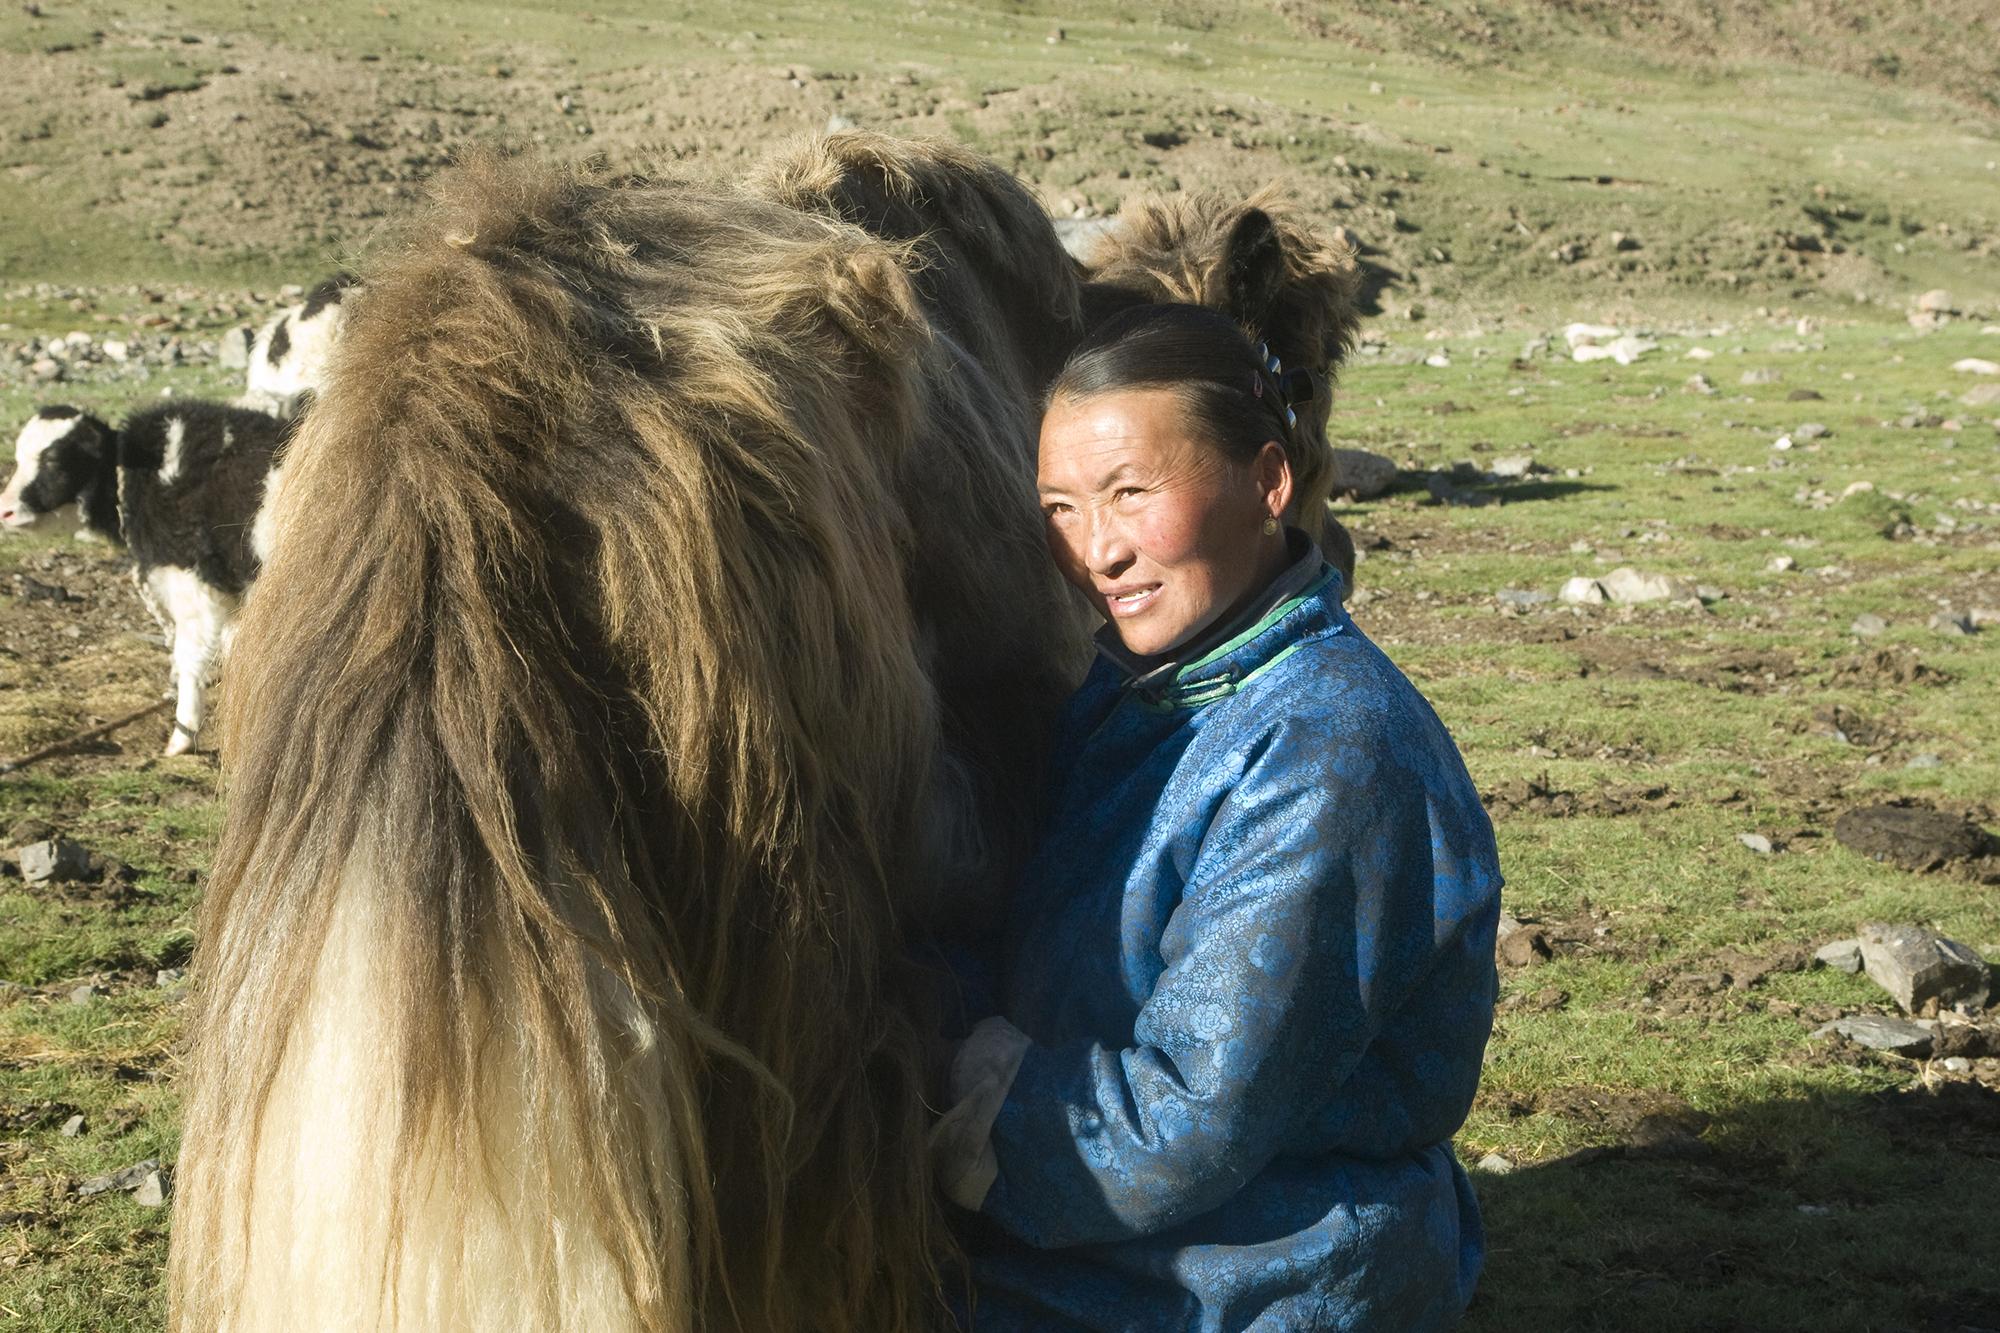 Herder women milking a yak